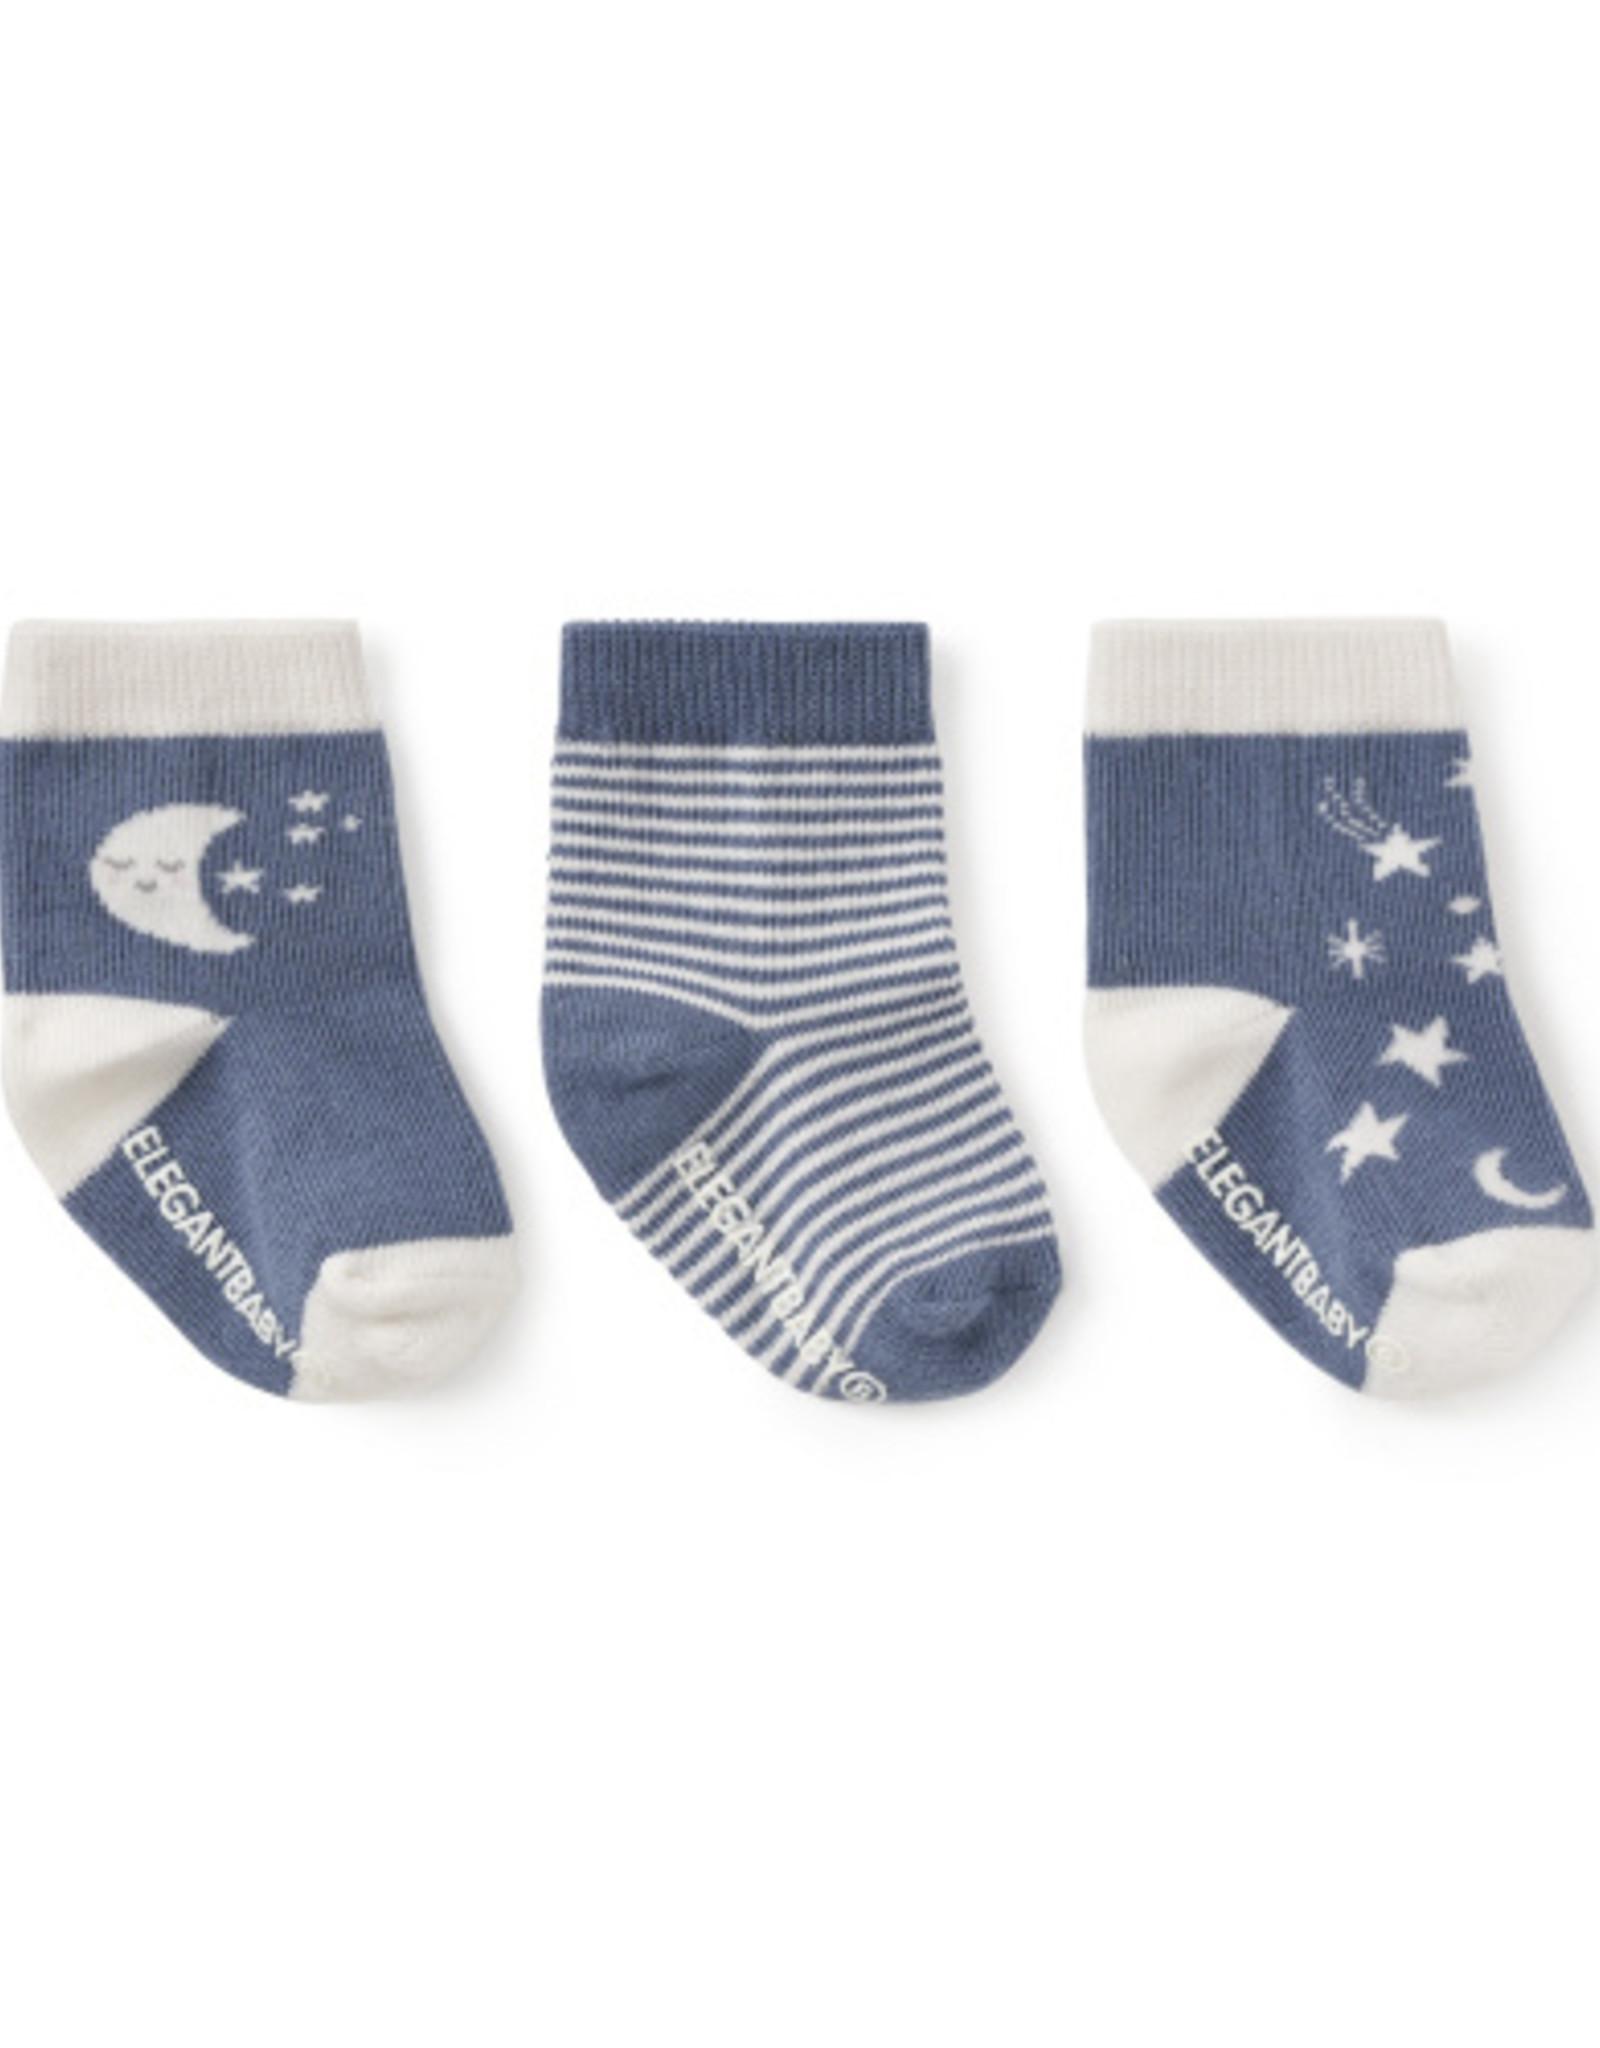 Elegant Baby Sock Set - Celestial non-slip  3 pk